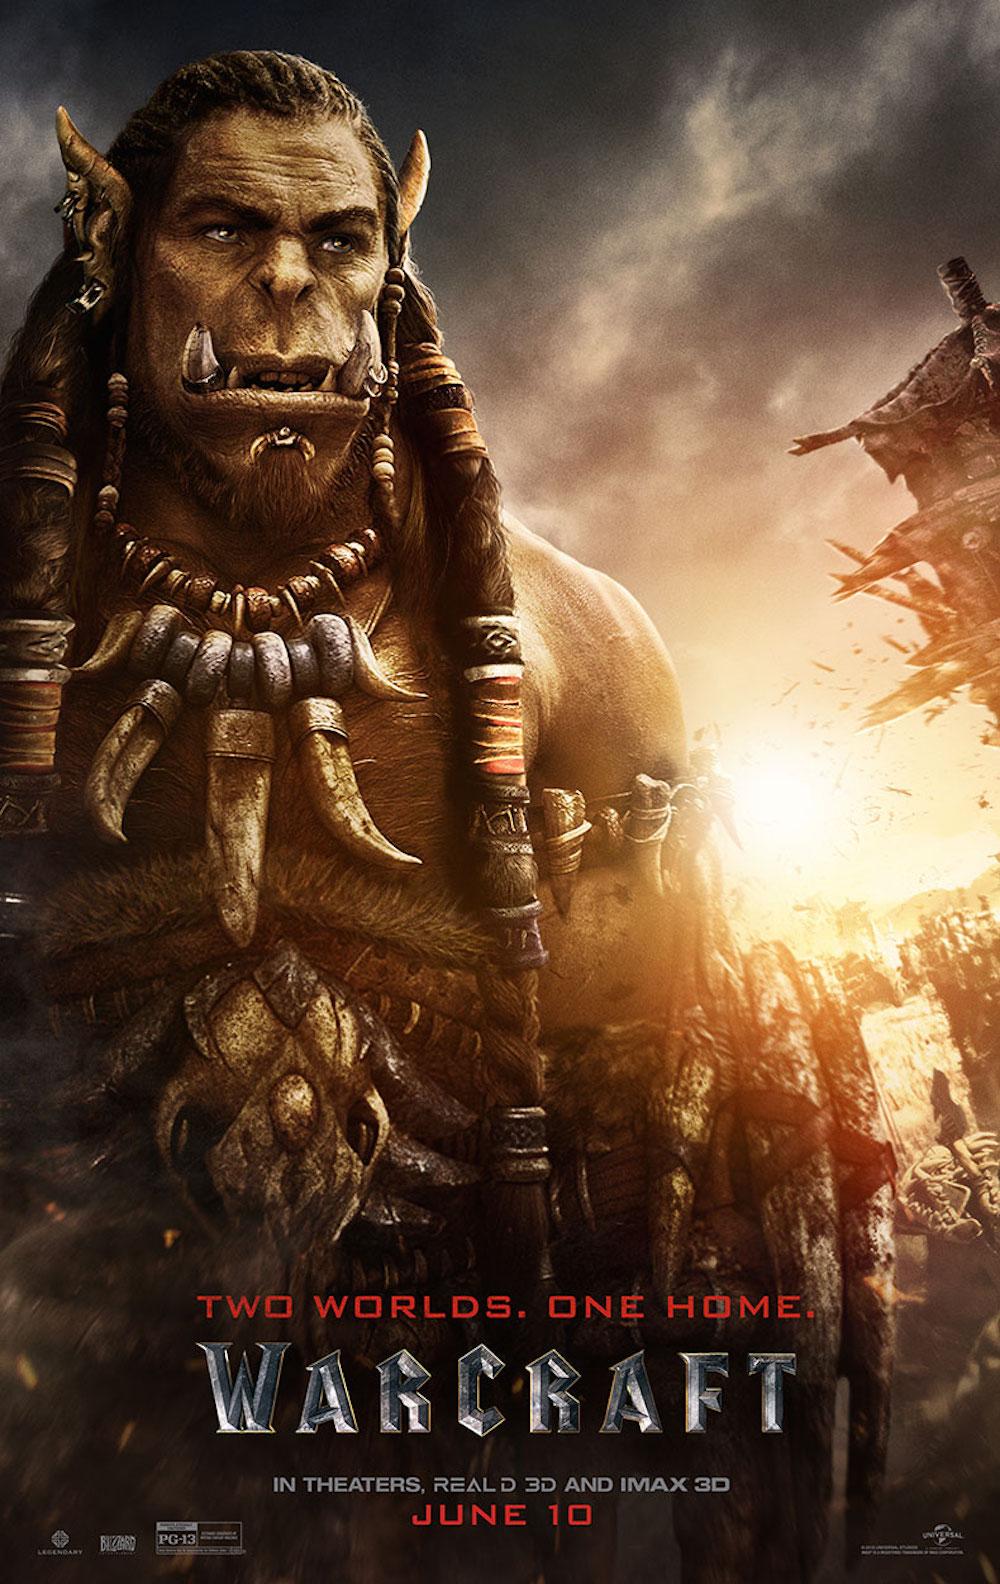 Warcraft poster durotan